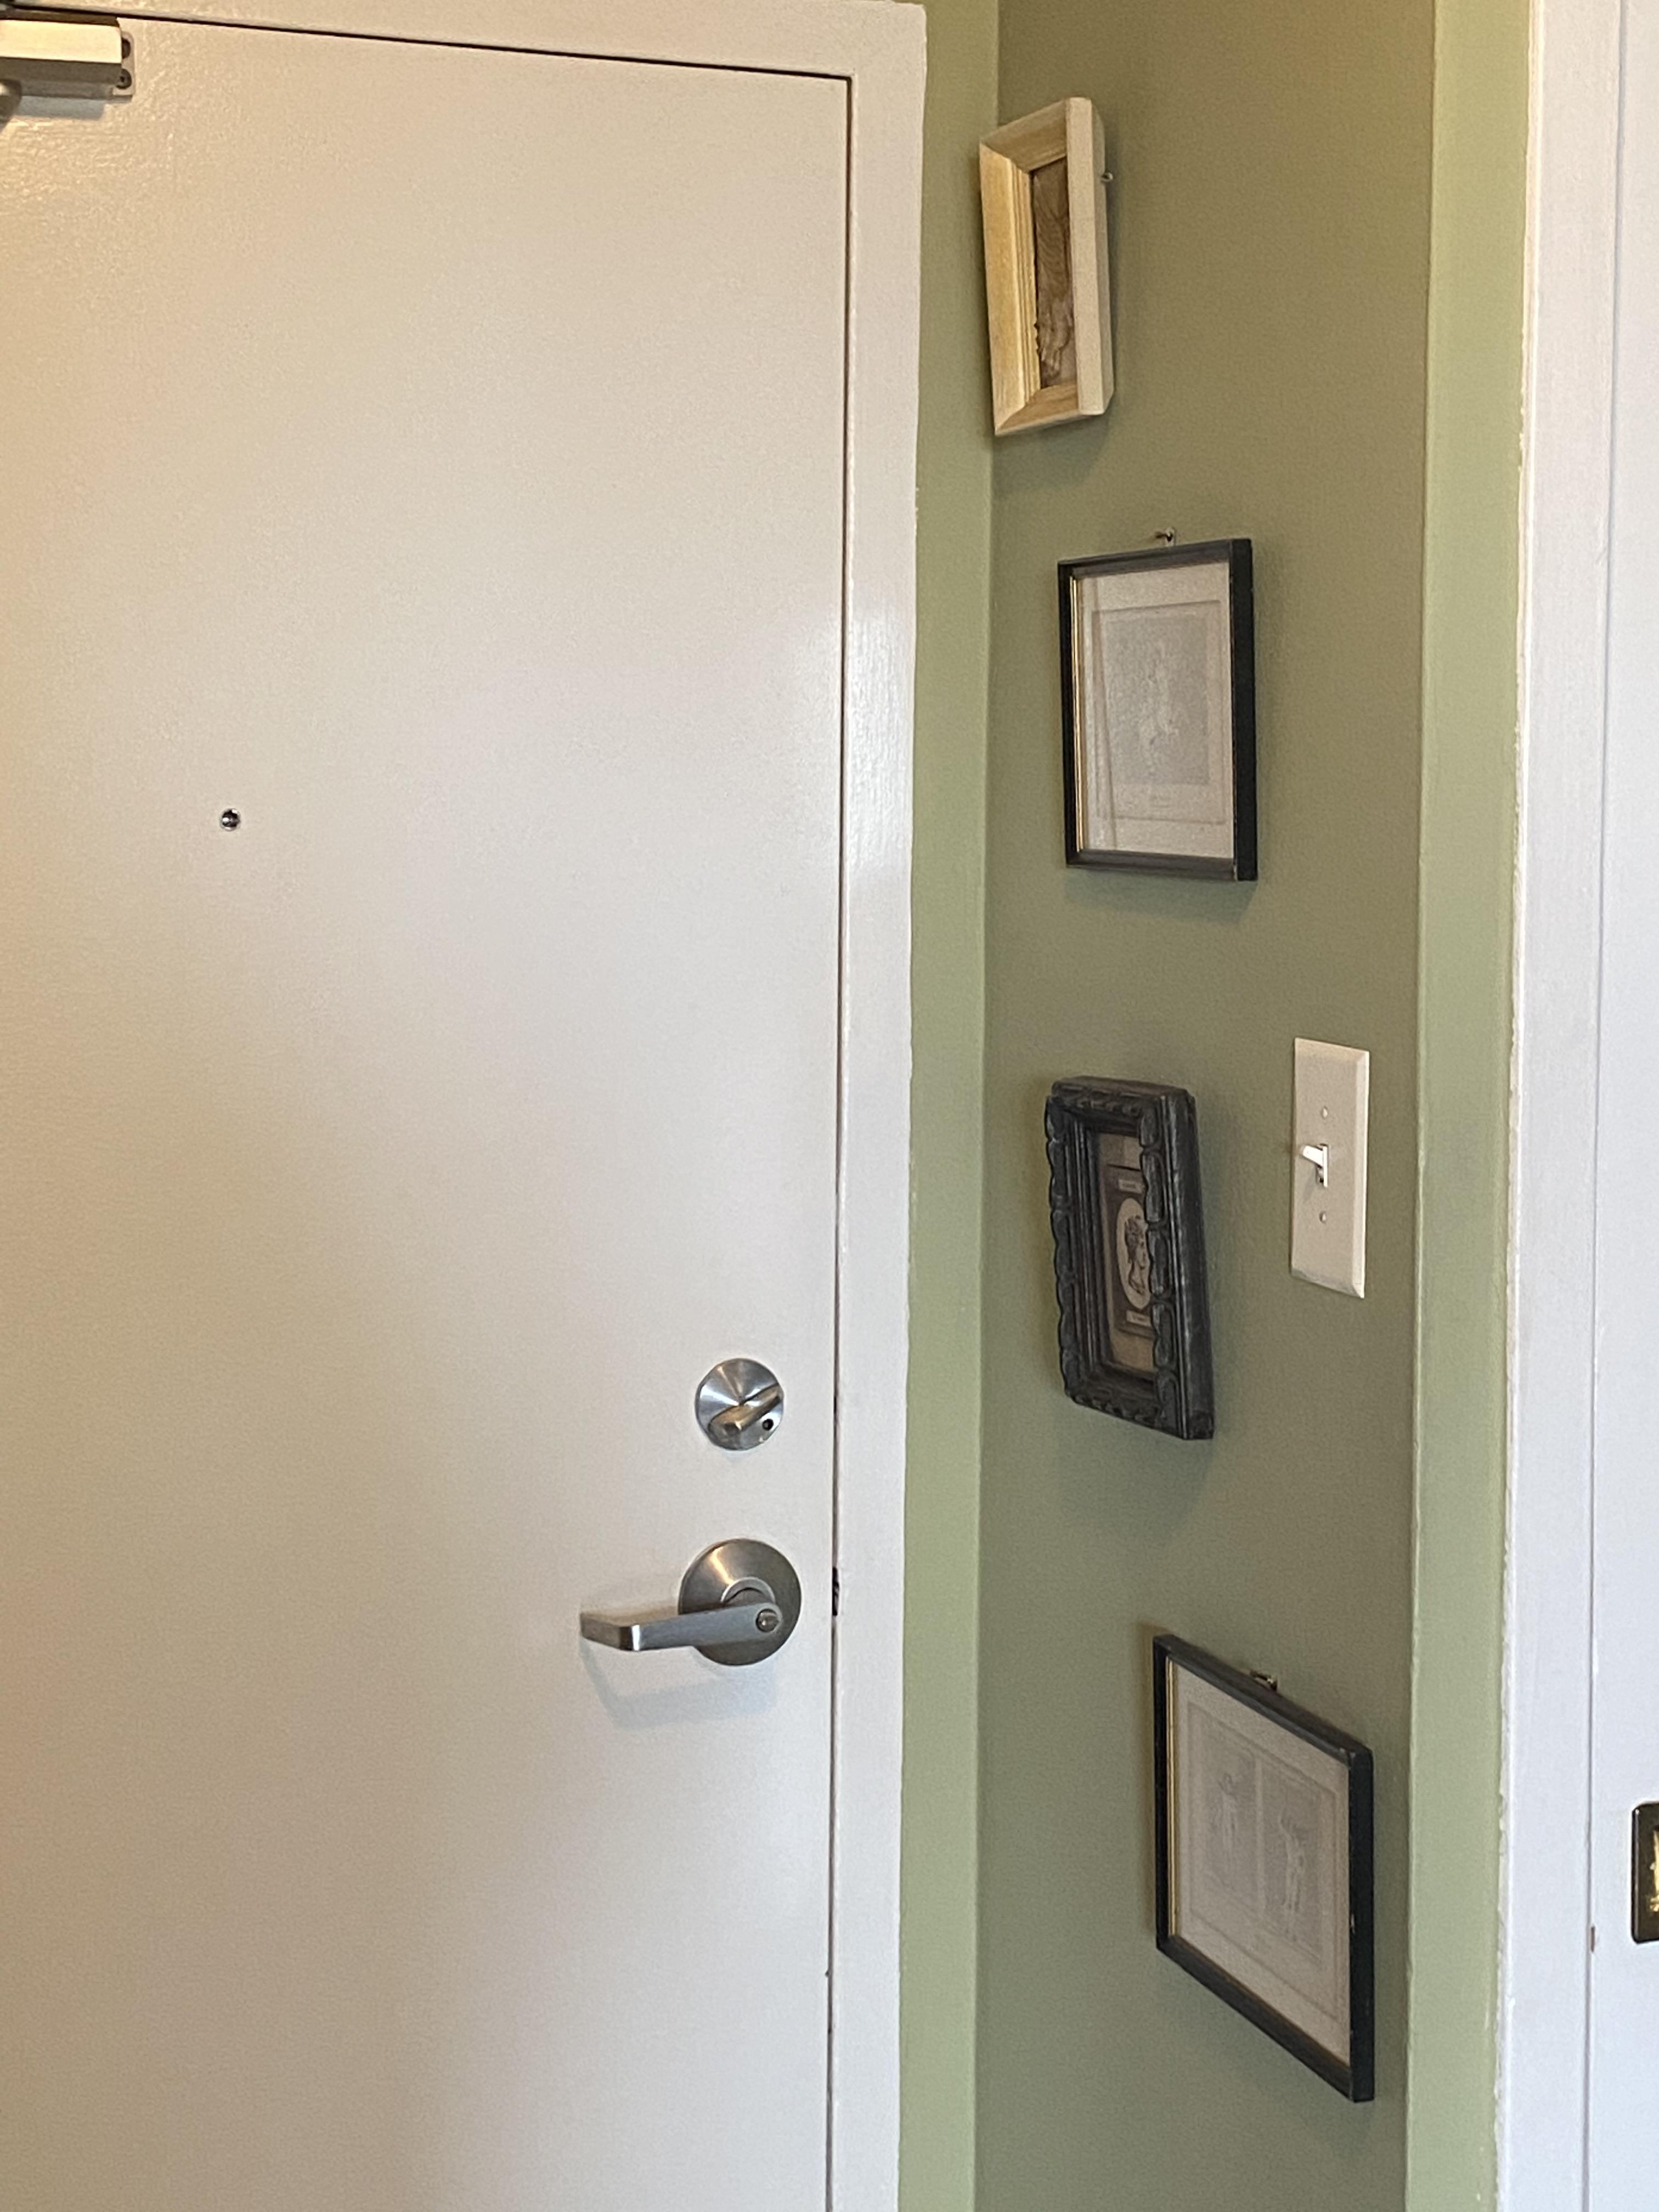 My Front Door with Art